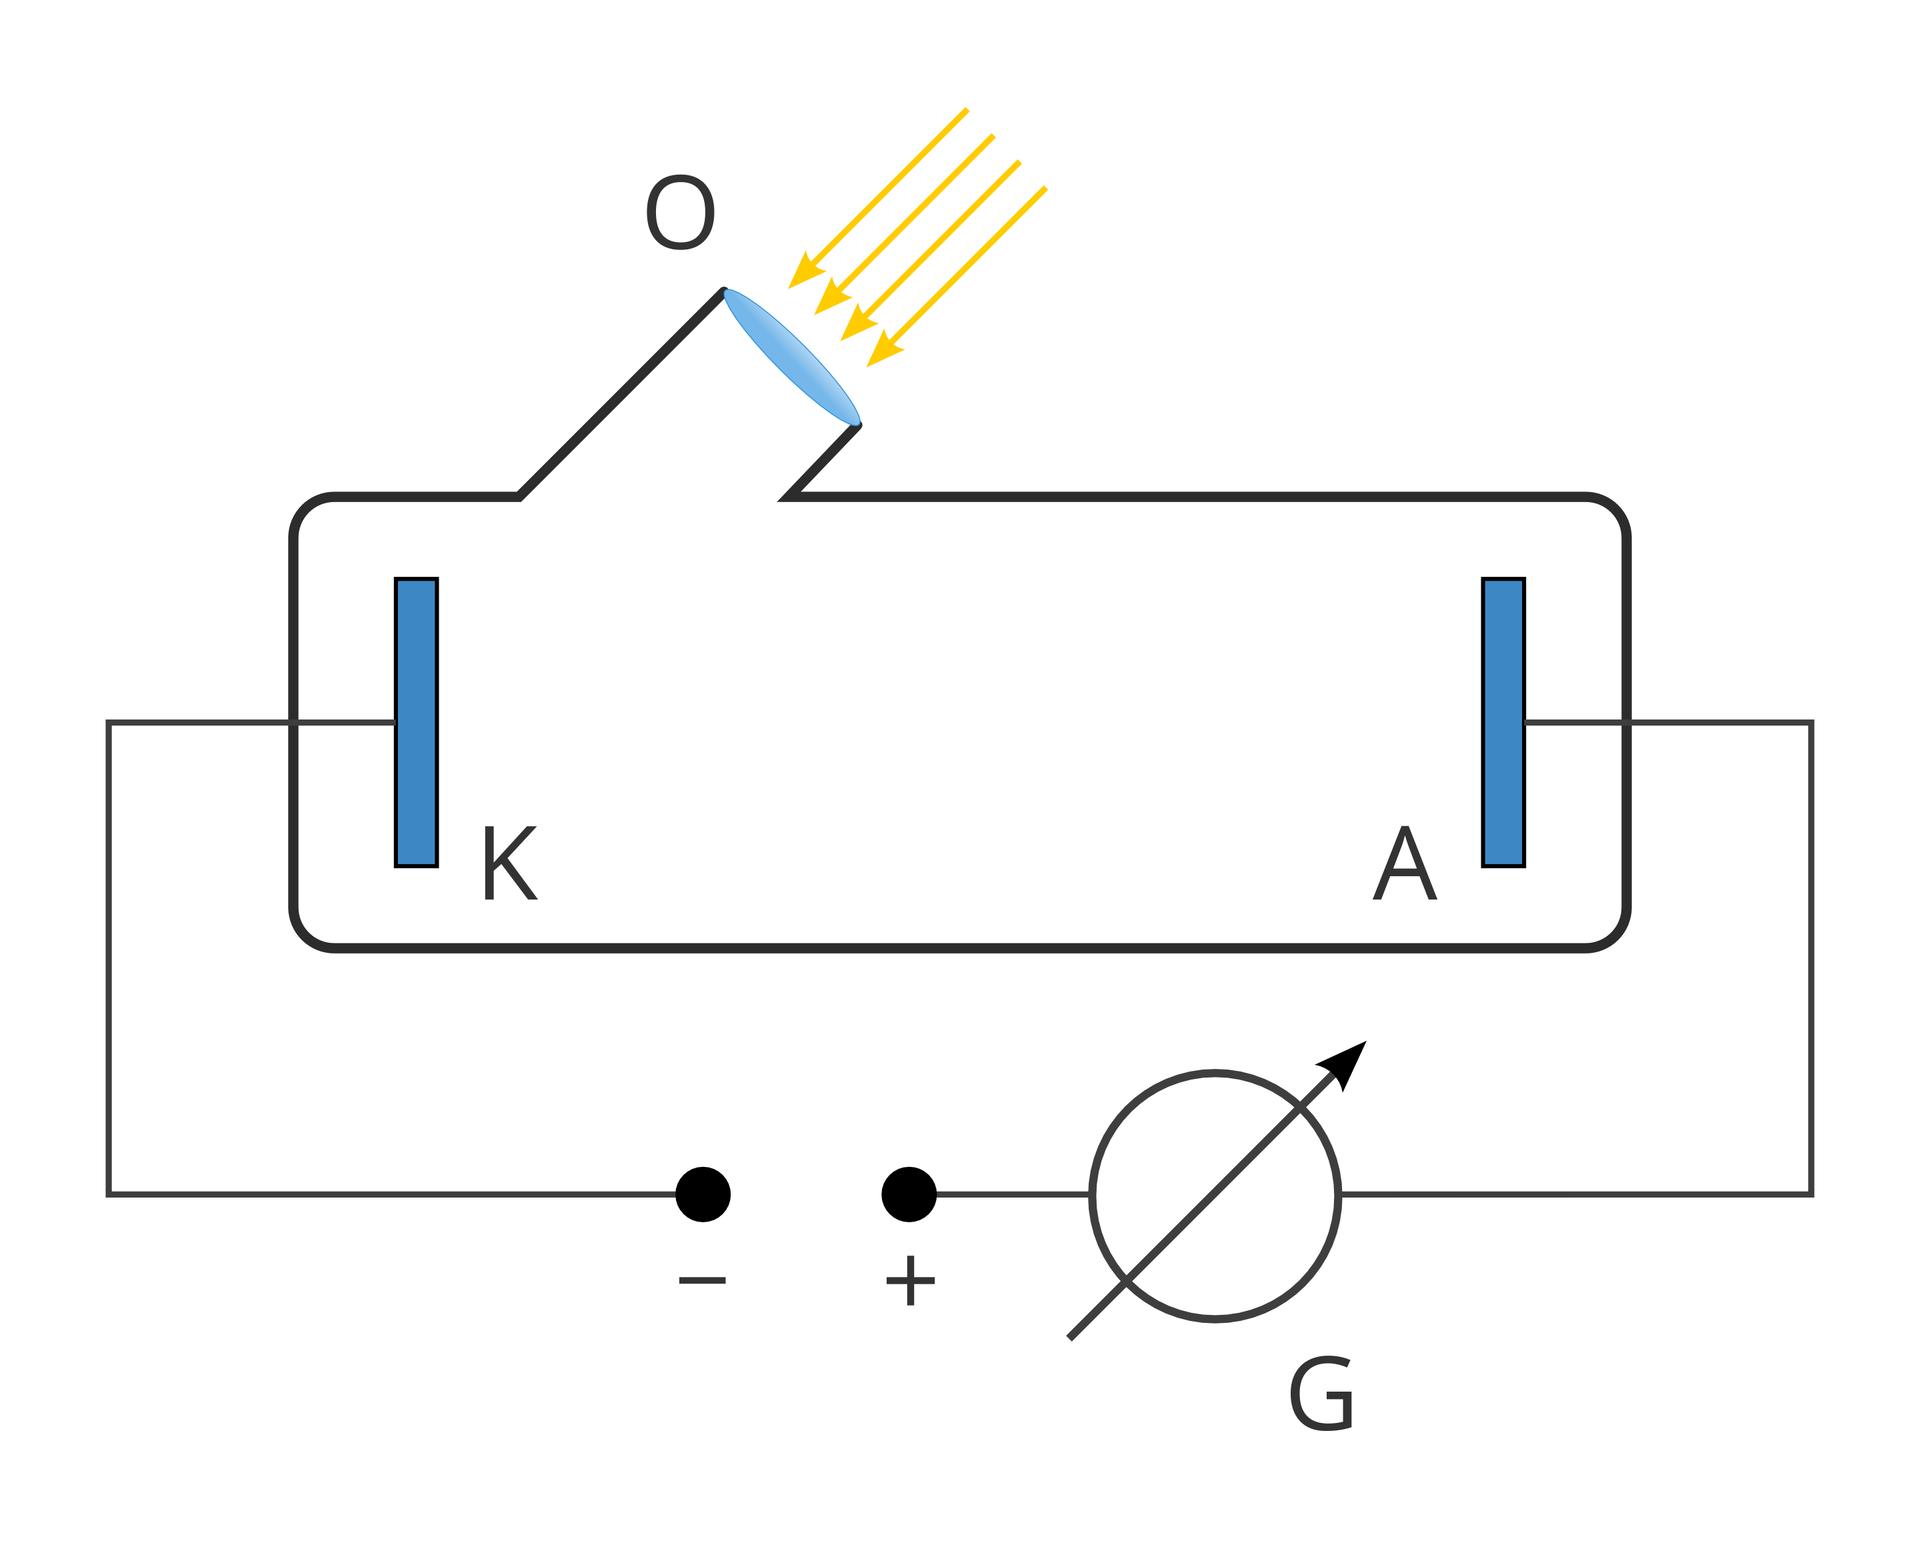 """Ilustracja przedstawia schemat układu doświadczalnego do badania zjawiska fotoelektrycznego. Schemat zbudowany jest zobwodu elektrycznego. Schemat dwa czarne obwody wkształcie poziomo ułożonego prostokąta. Górny prostokąt zawiera okienko. Okienko ma kształt owalny, wydłużony wpionie. Powyżej okienka litera """"o"""". Na okienko padają żółte strzałki. Strzałki ułożone są równolegle do siebie. Strzałki to światło. Wewnątrz prostokątnego układu znajduje się katoda ianoda. Katoda to pionowy prostokąt równolegle ułożony do lewego boku schematu. Obok prostokąta litera """"ka"""". Anoda to pionowy prostokąt równolegle ułożony do prawego boku schematu. Obok prostokąta litera """"a"""". Katoda ianoda połączone są obwodem wkształcie poziomego prostokąta. Światło pada przez okienko na katodę iwybija elektrony. Wdolnej krawędzi obwodu między katodą ianodą znajduje się przerwa. Po lewej stronie czarna kulka, potencjał ujemny. Znak minus poniżej. Po prawej stronie czarna kulka, potencjał dodatni. Znak plus poniżej. Do potencjałów jest przykładane napięcie elektryczne. Na prawo od potencjału dodatniego duży czarny okrąg przekreślony strzałką grotem do góry. To galwanometr mierzący natężenie prądu. Poniżej litera """"gie""""."""